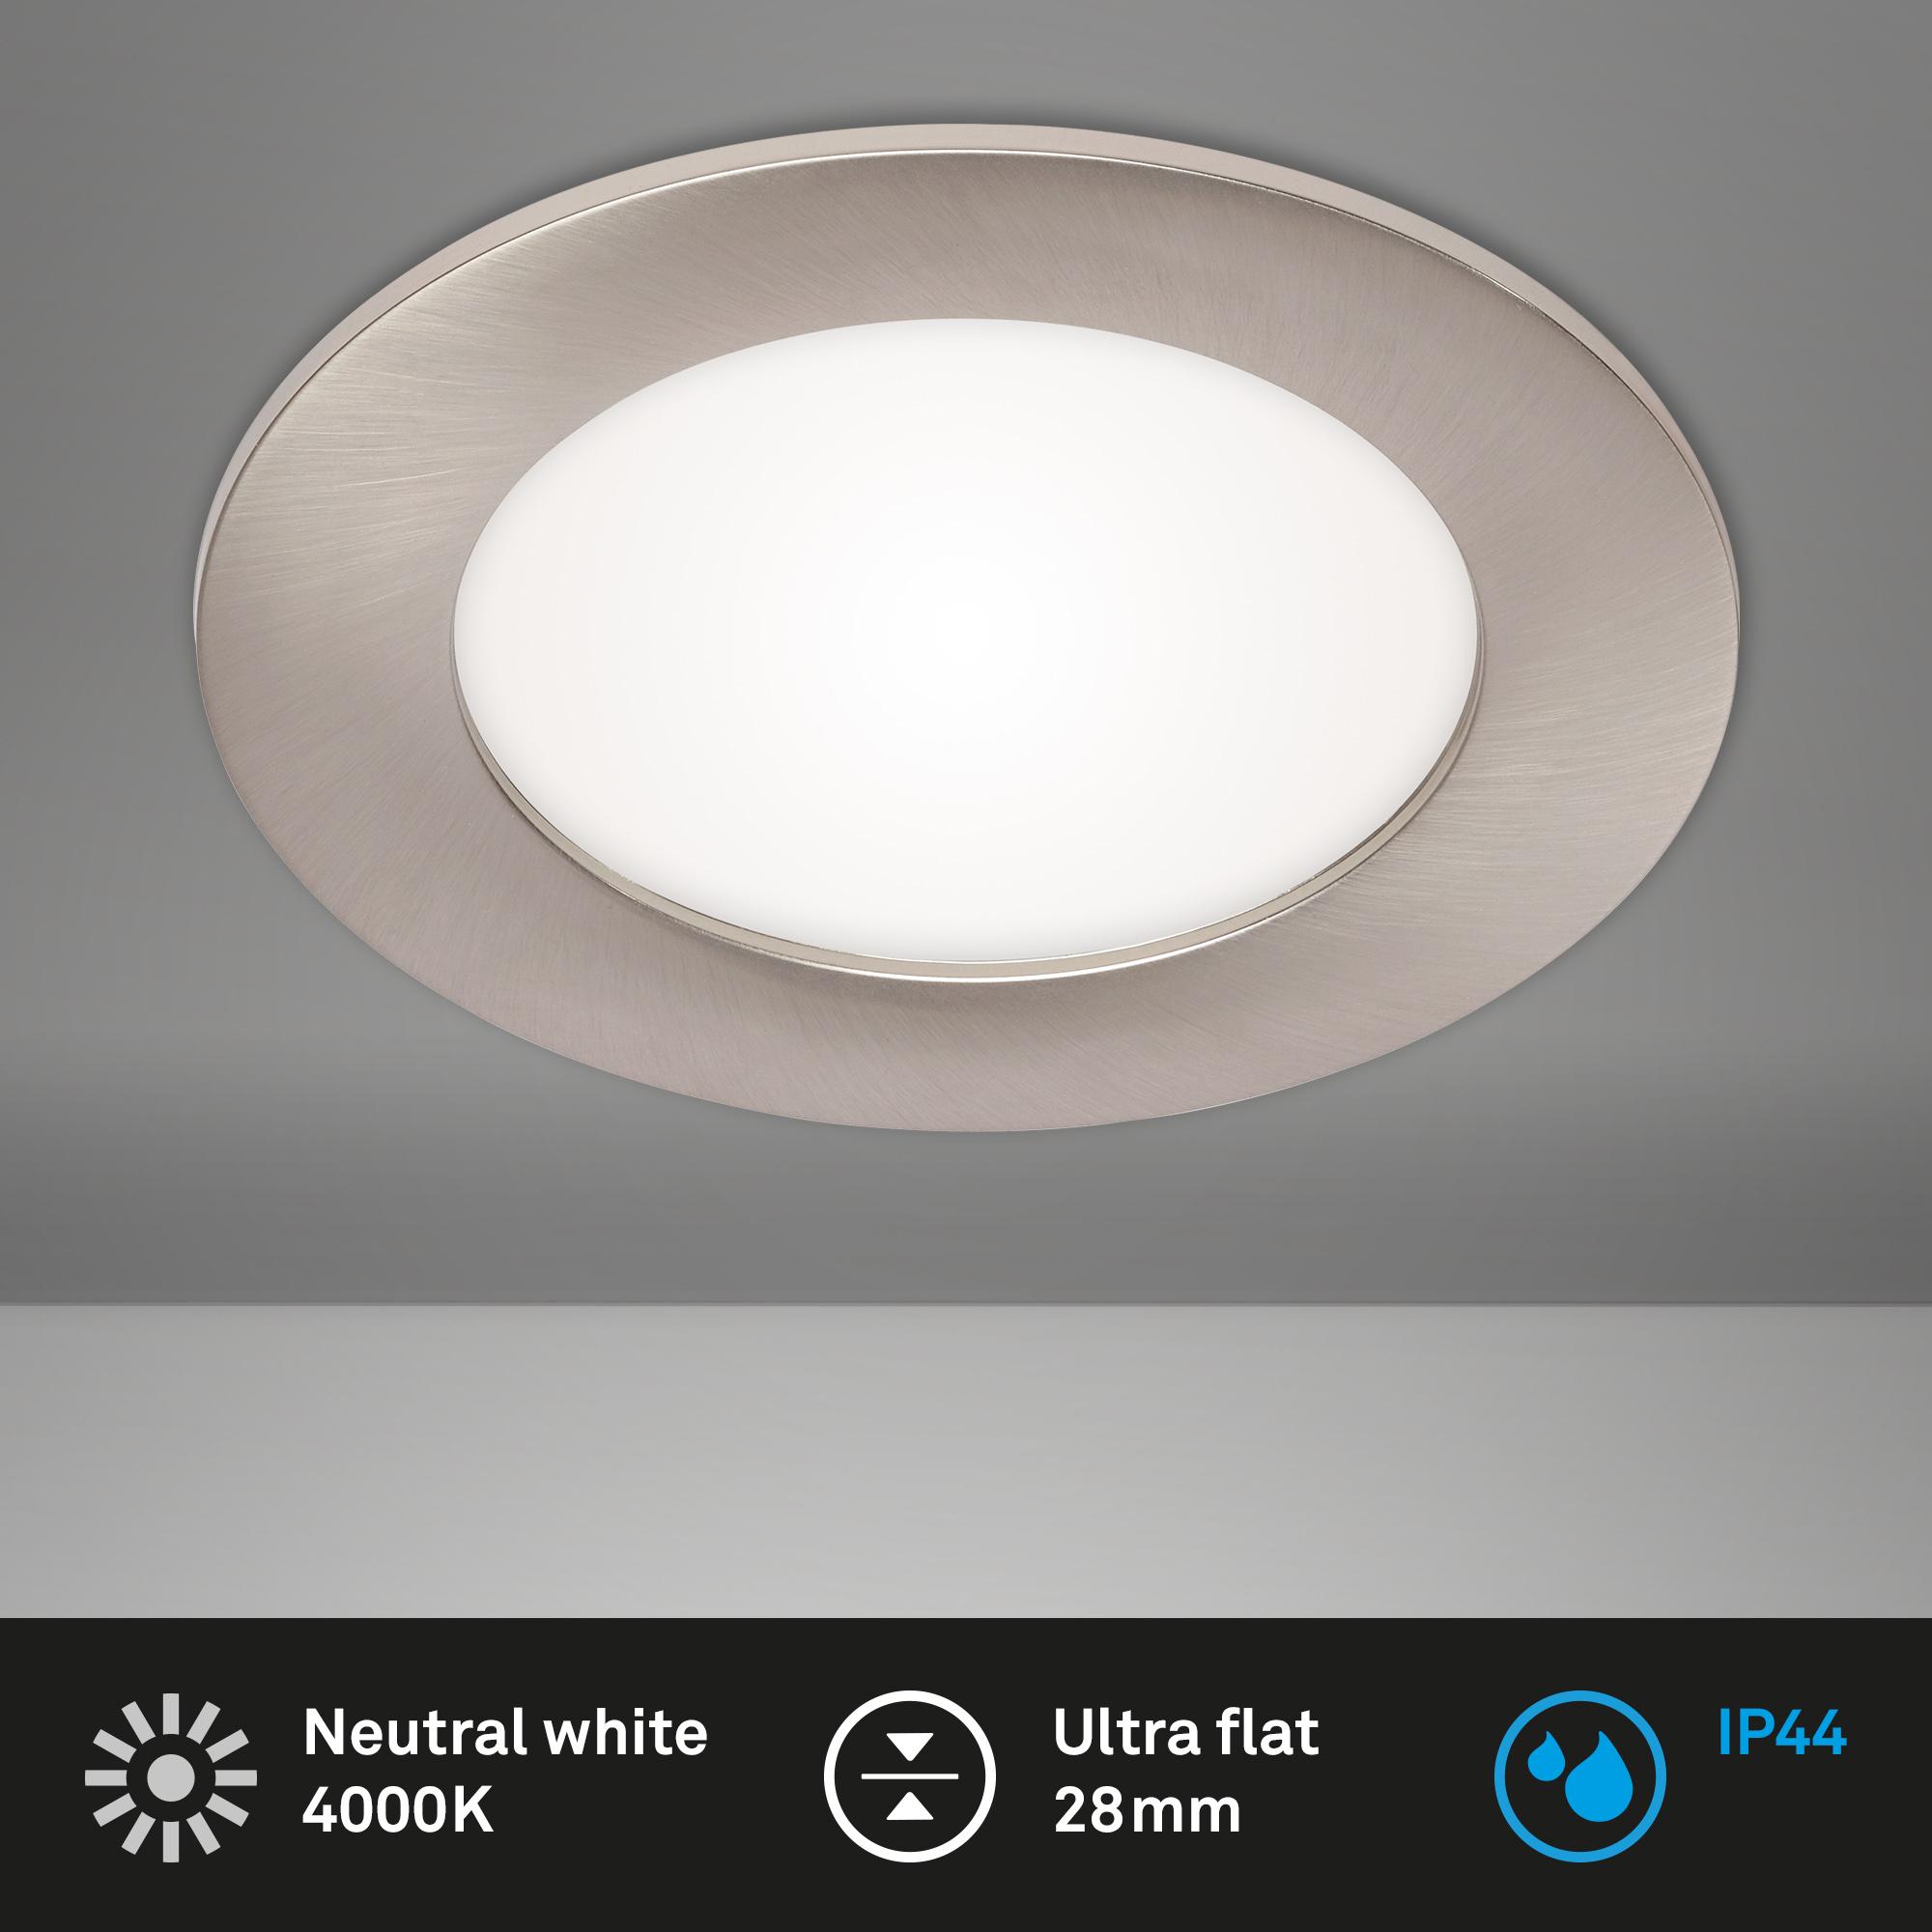 LED Einbauleuchte, Ø 12 cm, 7 W, Matt-Nickel